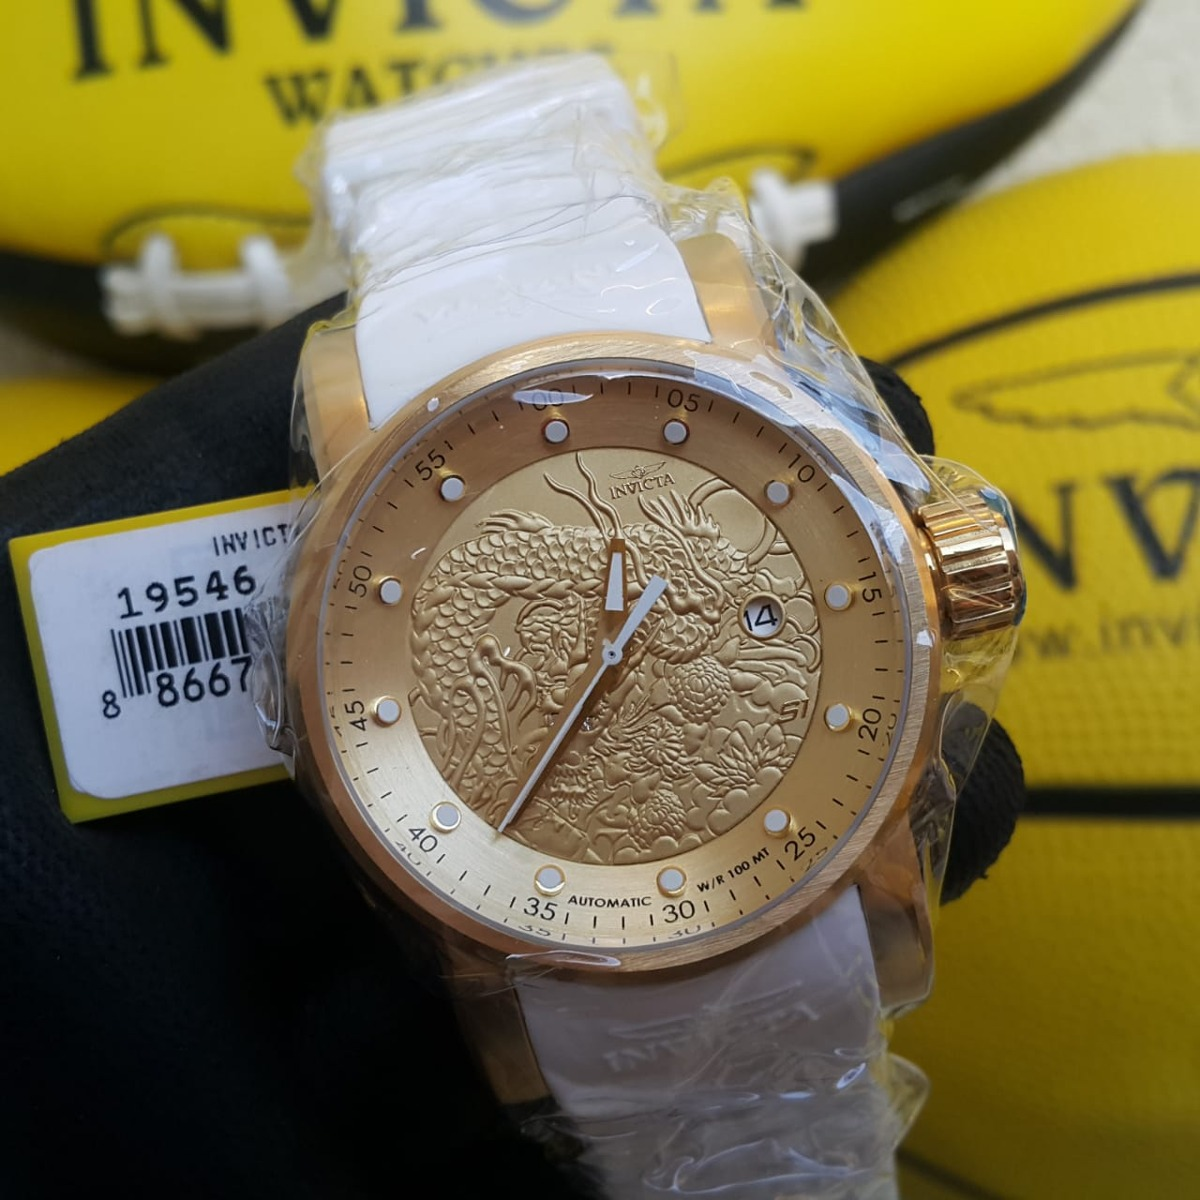 104266a98b8 Relógio Invicta Yakuza 19546 - Dourado Branco Masculino - R  899